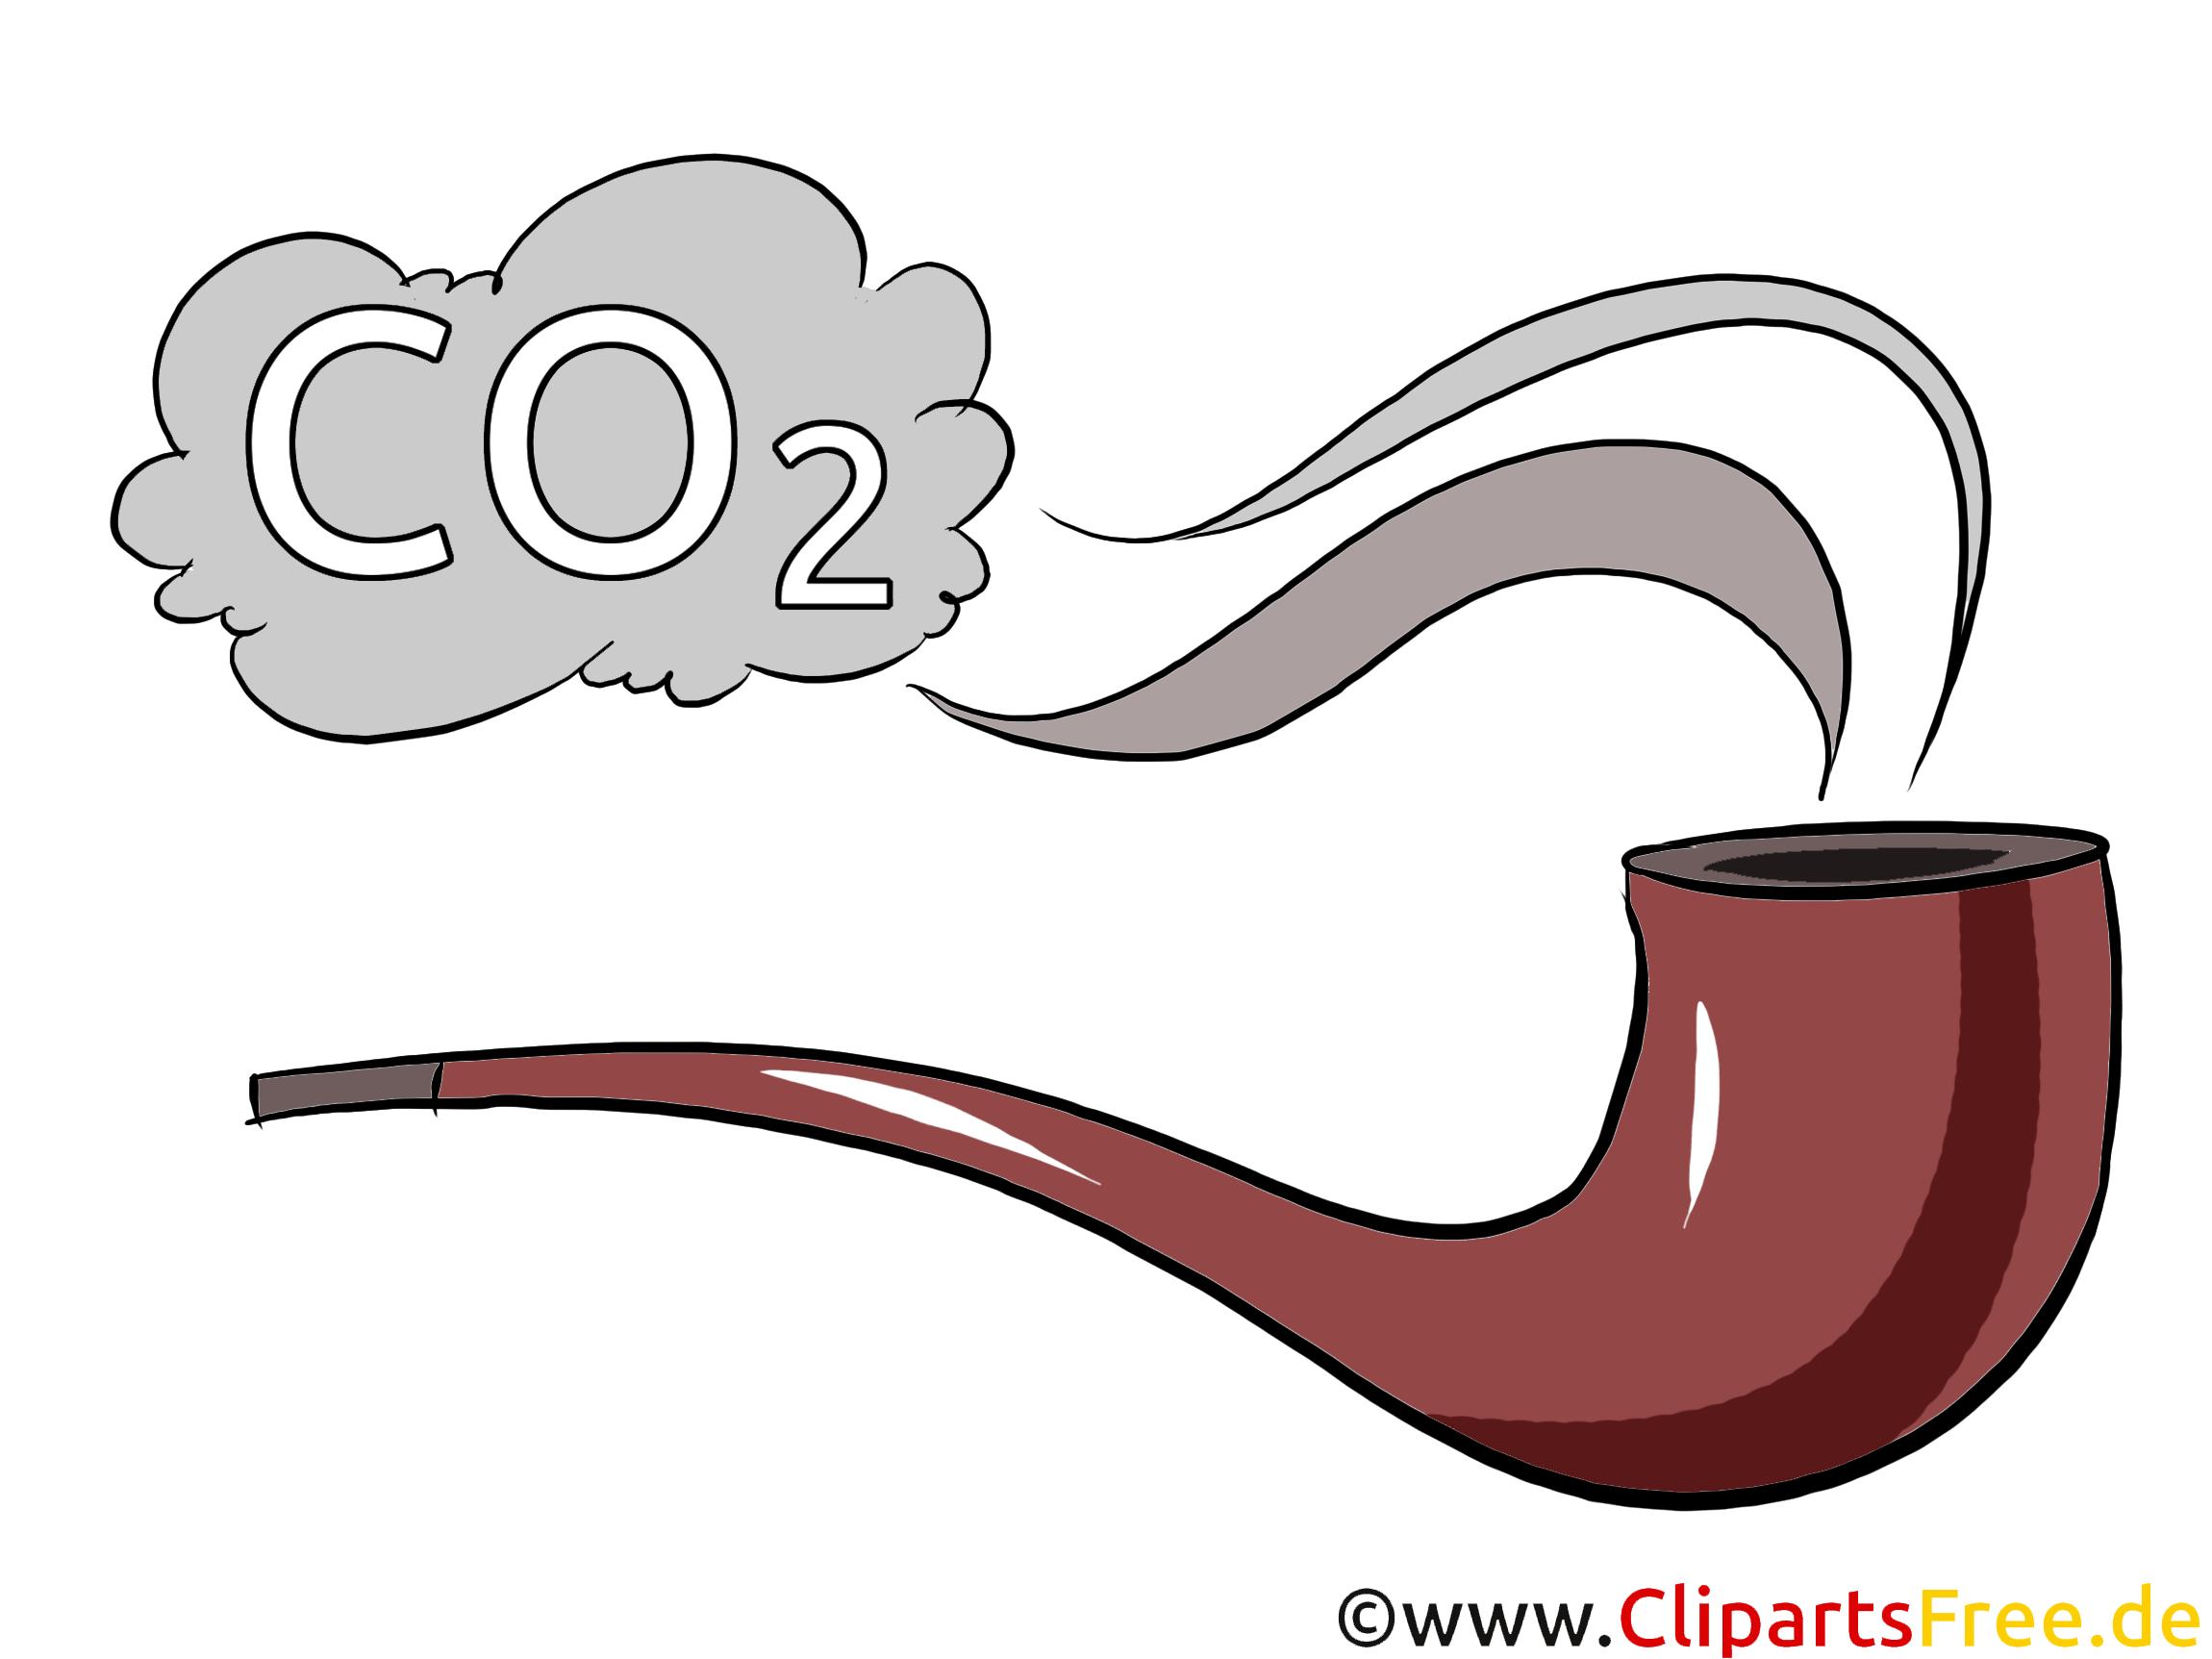 Rauchen ungesund Clipart, Bild, Illustration